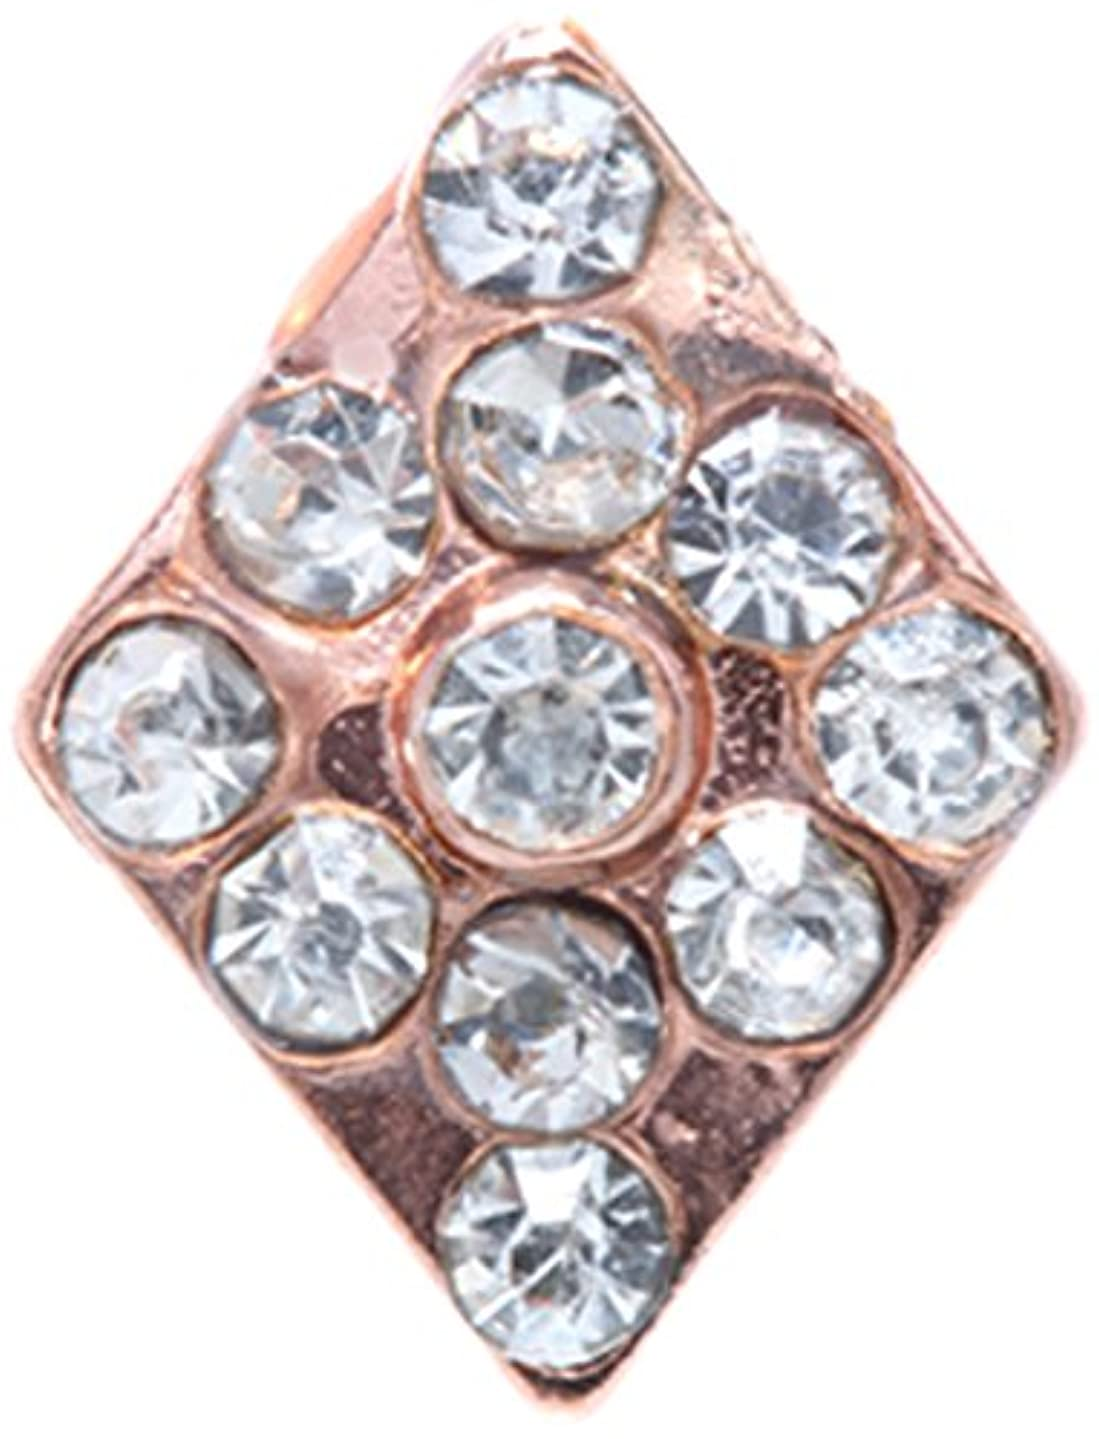 カップルストレージ繰り返したダイヤ クリスタル(各2個) ピンクゴールド